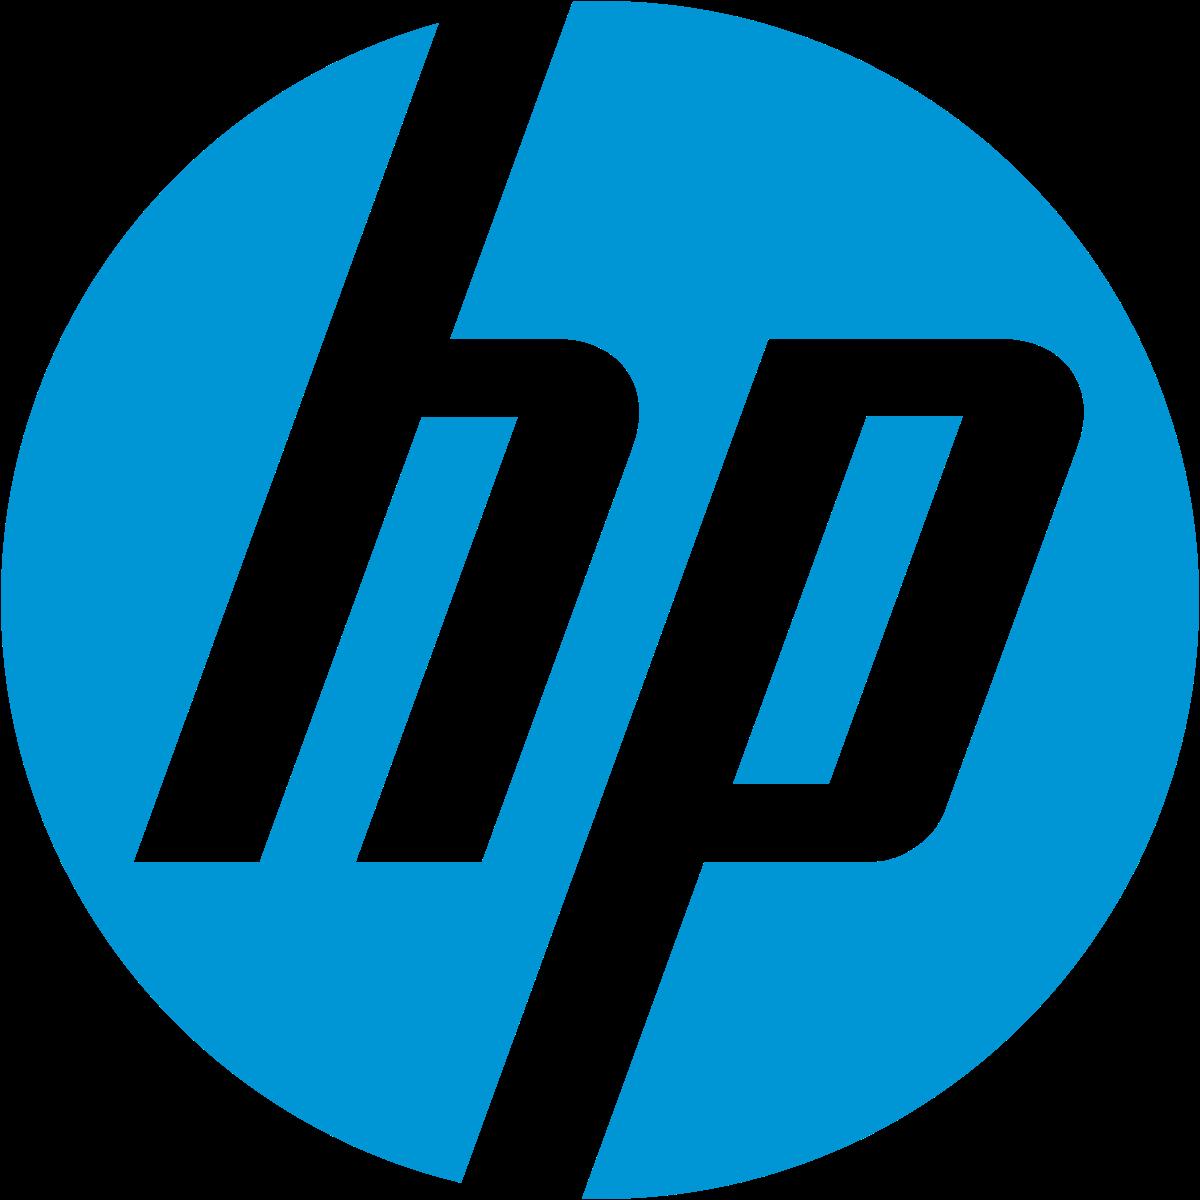 Logo de l'entreprise HP